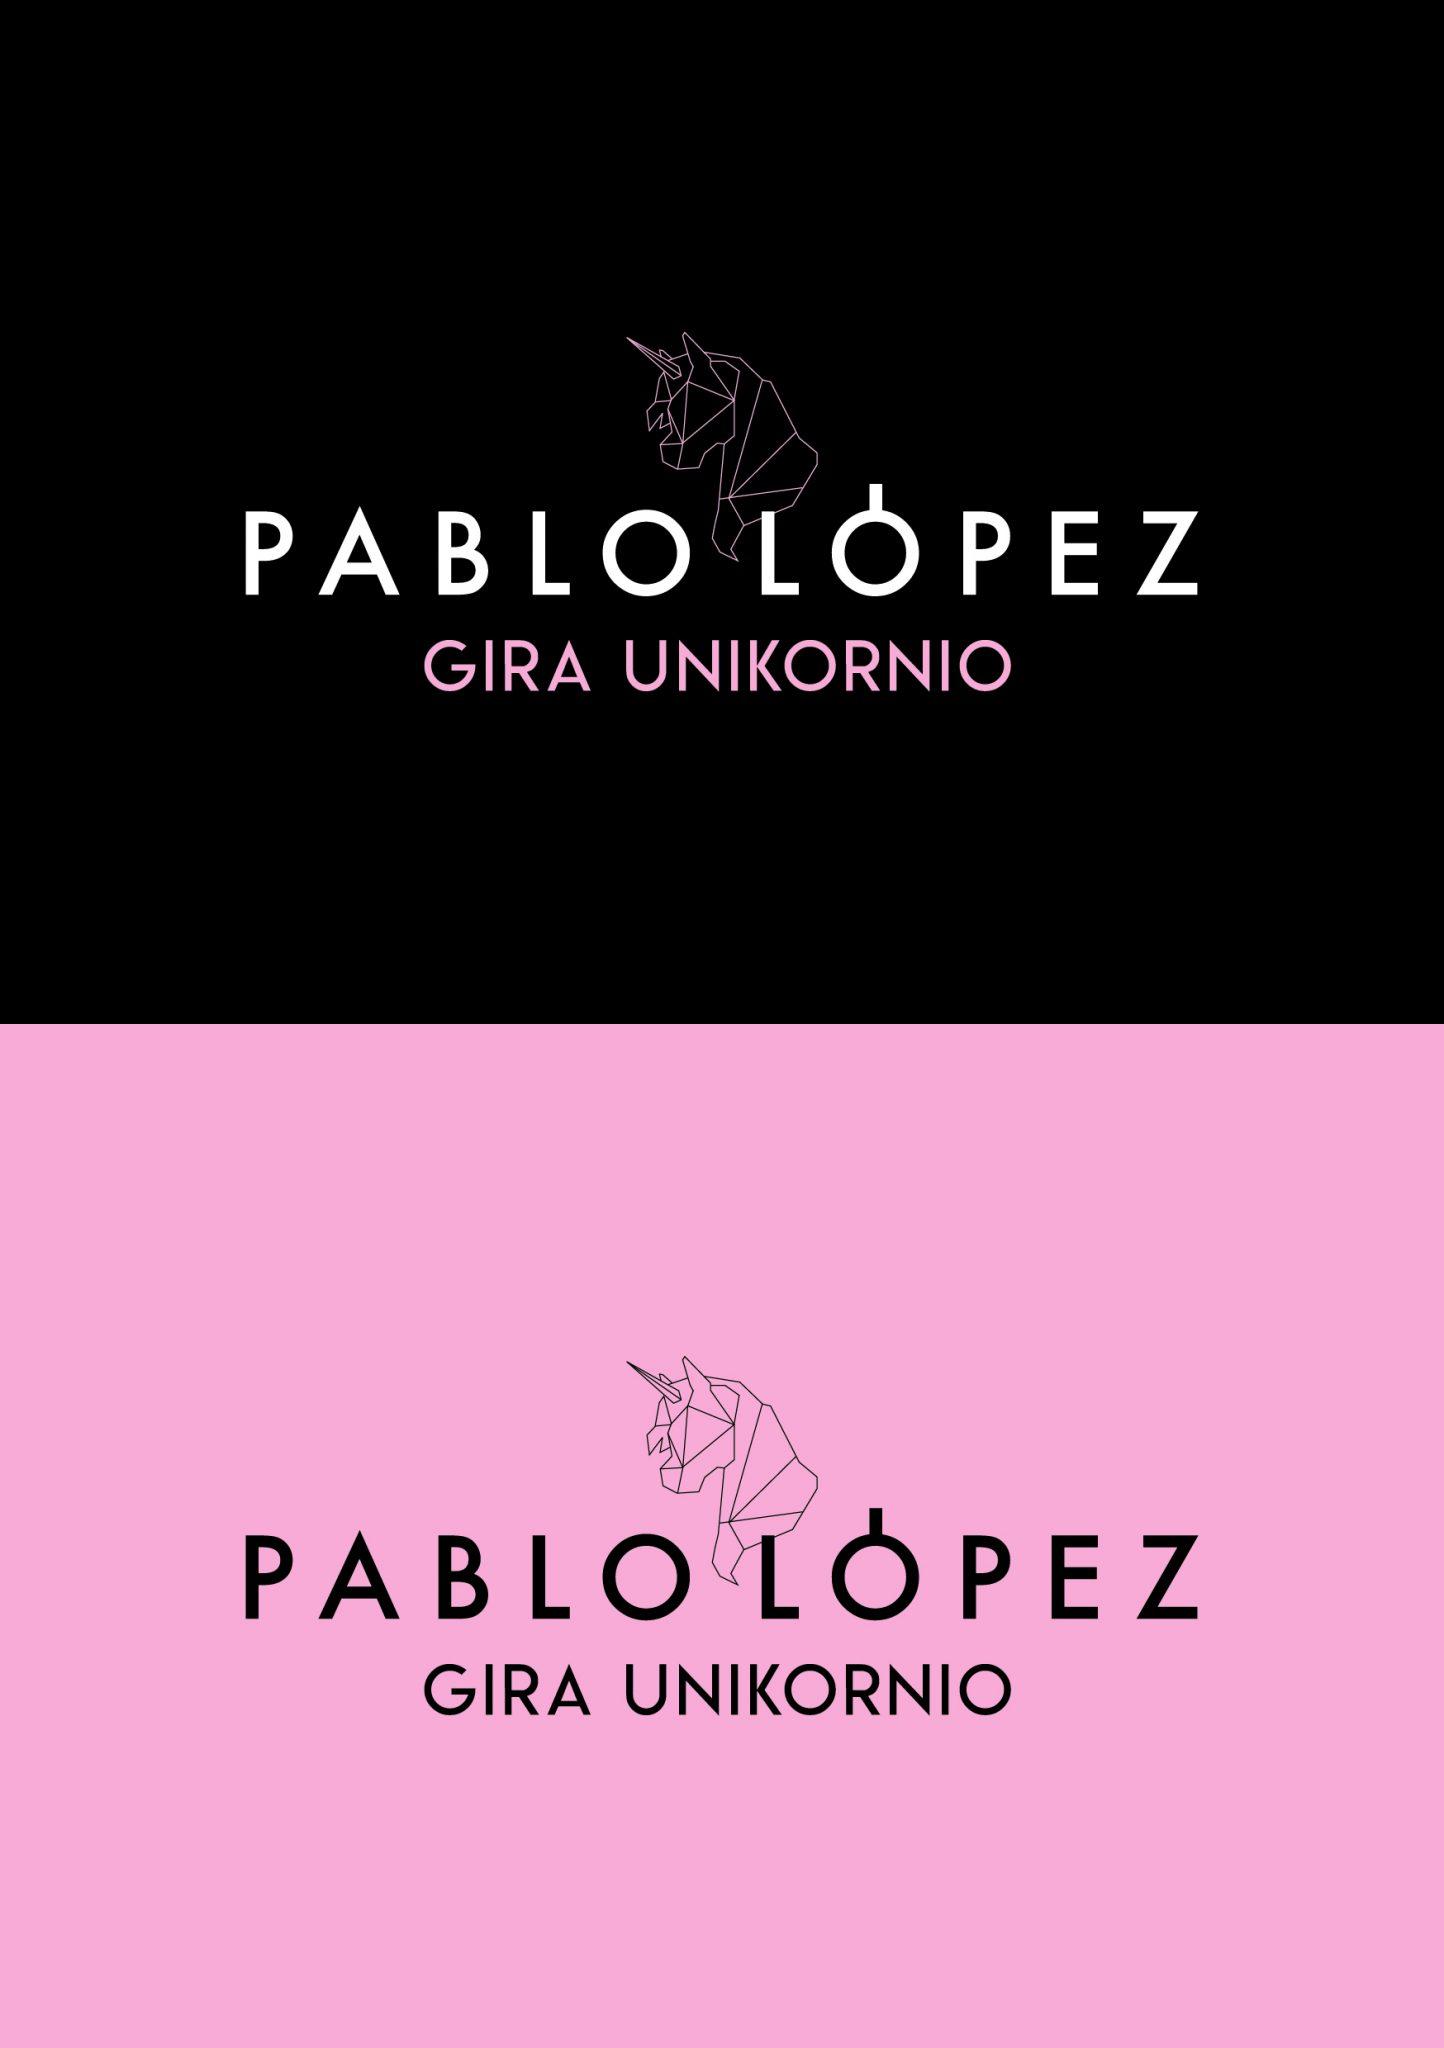 logo PL Unikornio